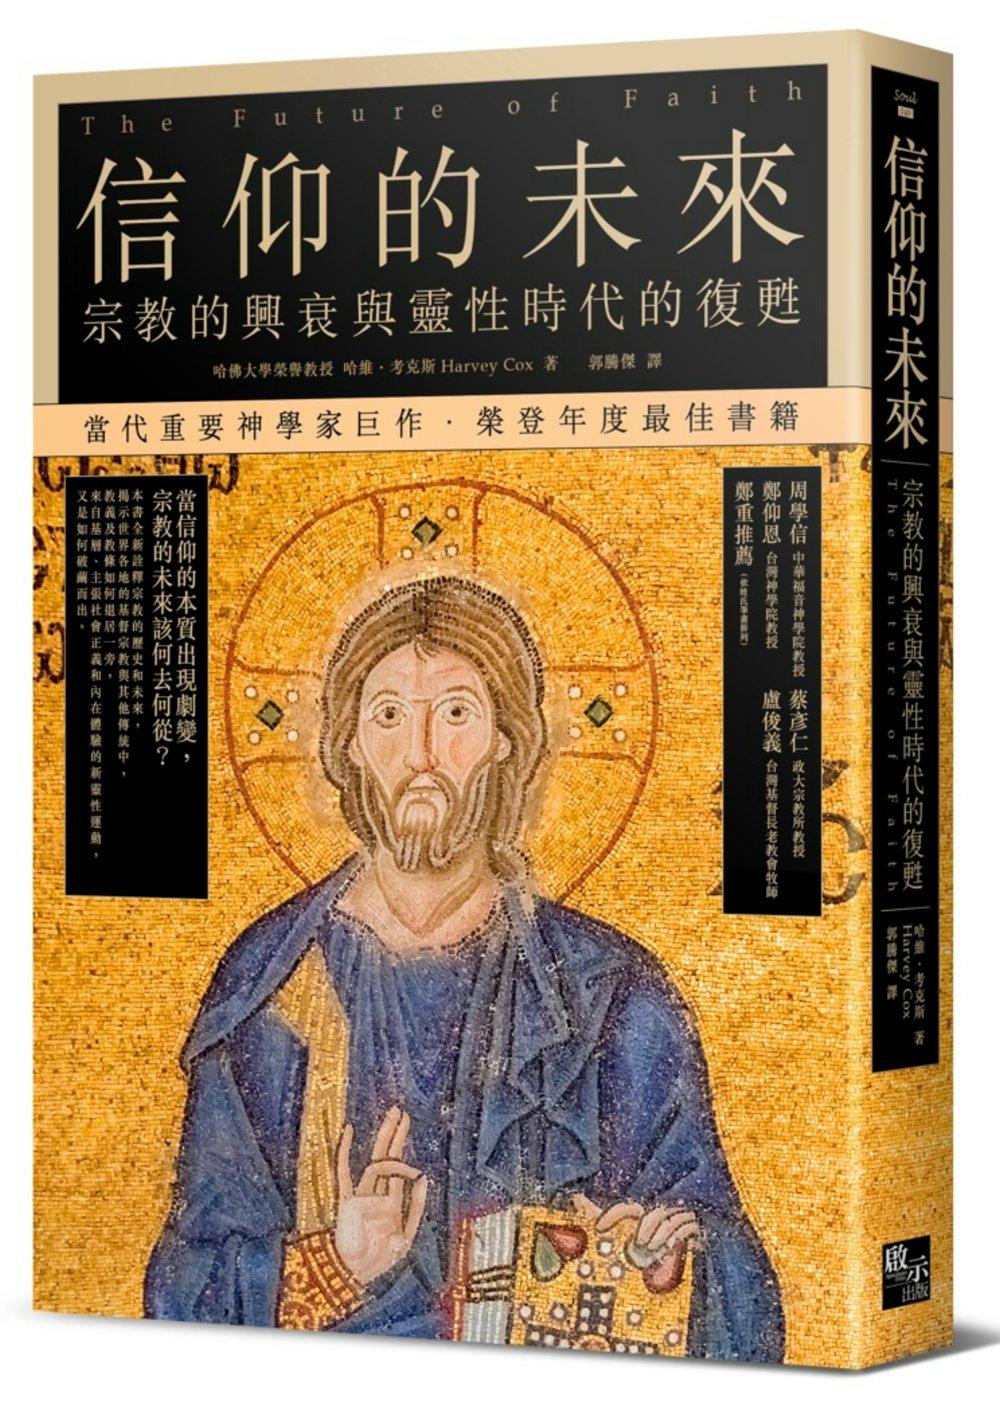 信仰的未來:宗教的興衰與靈性時代的復甦